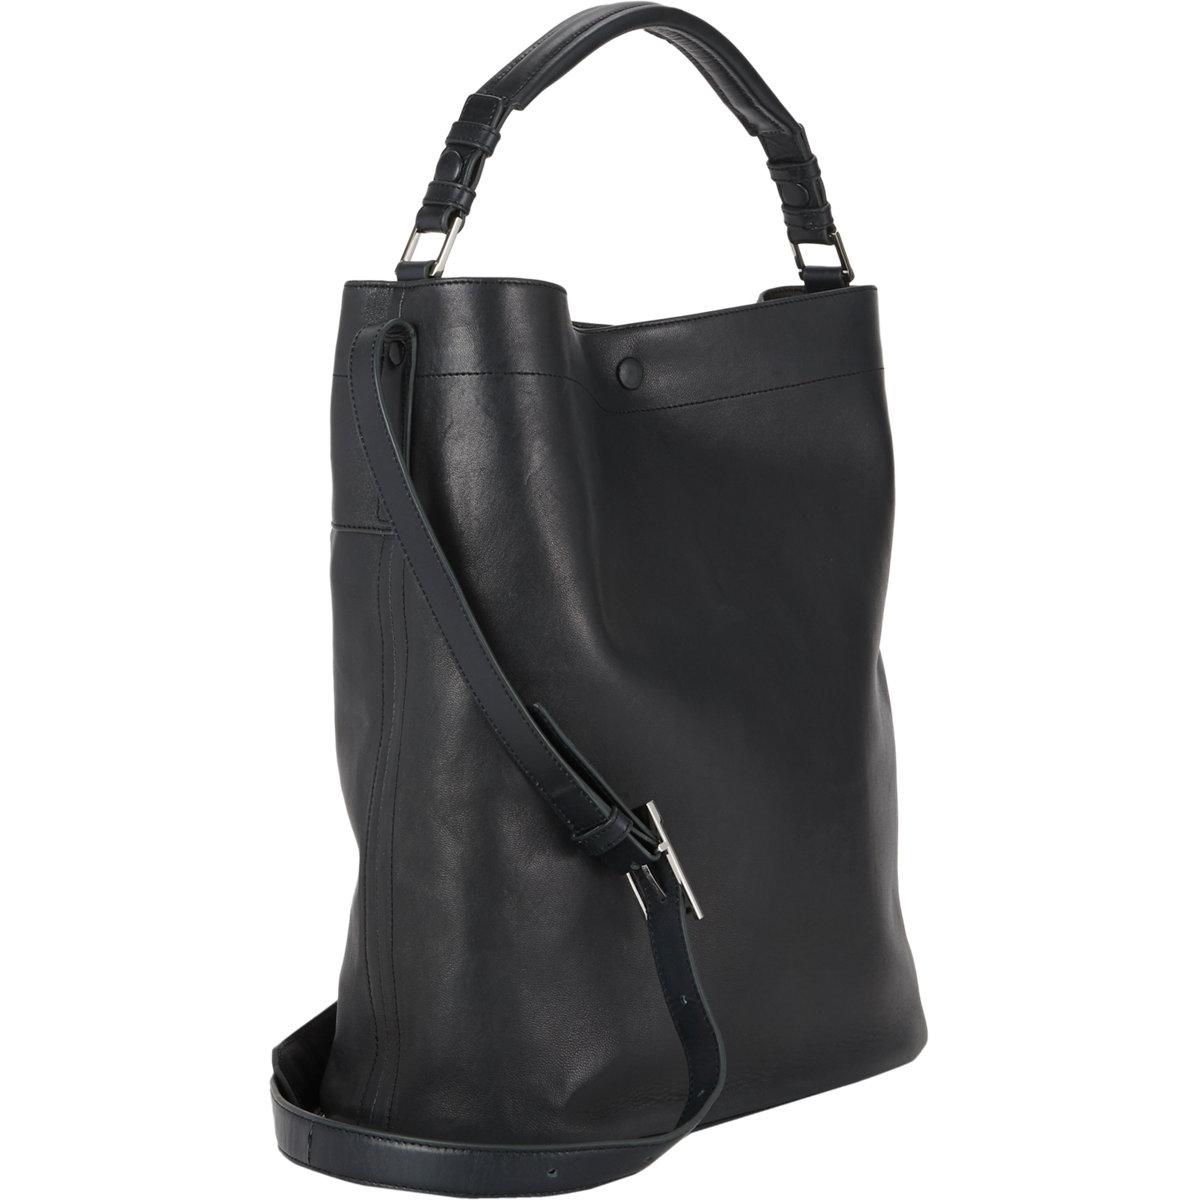 A.l.c. leo convertible bucket bag at barneys.com